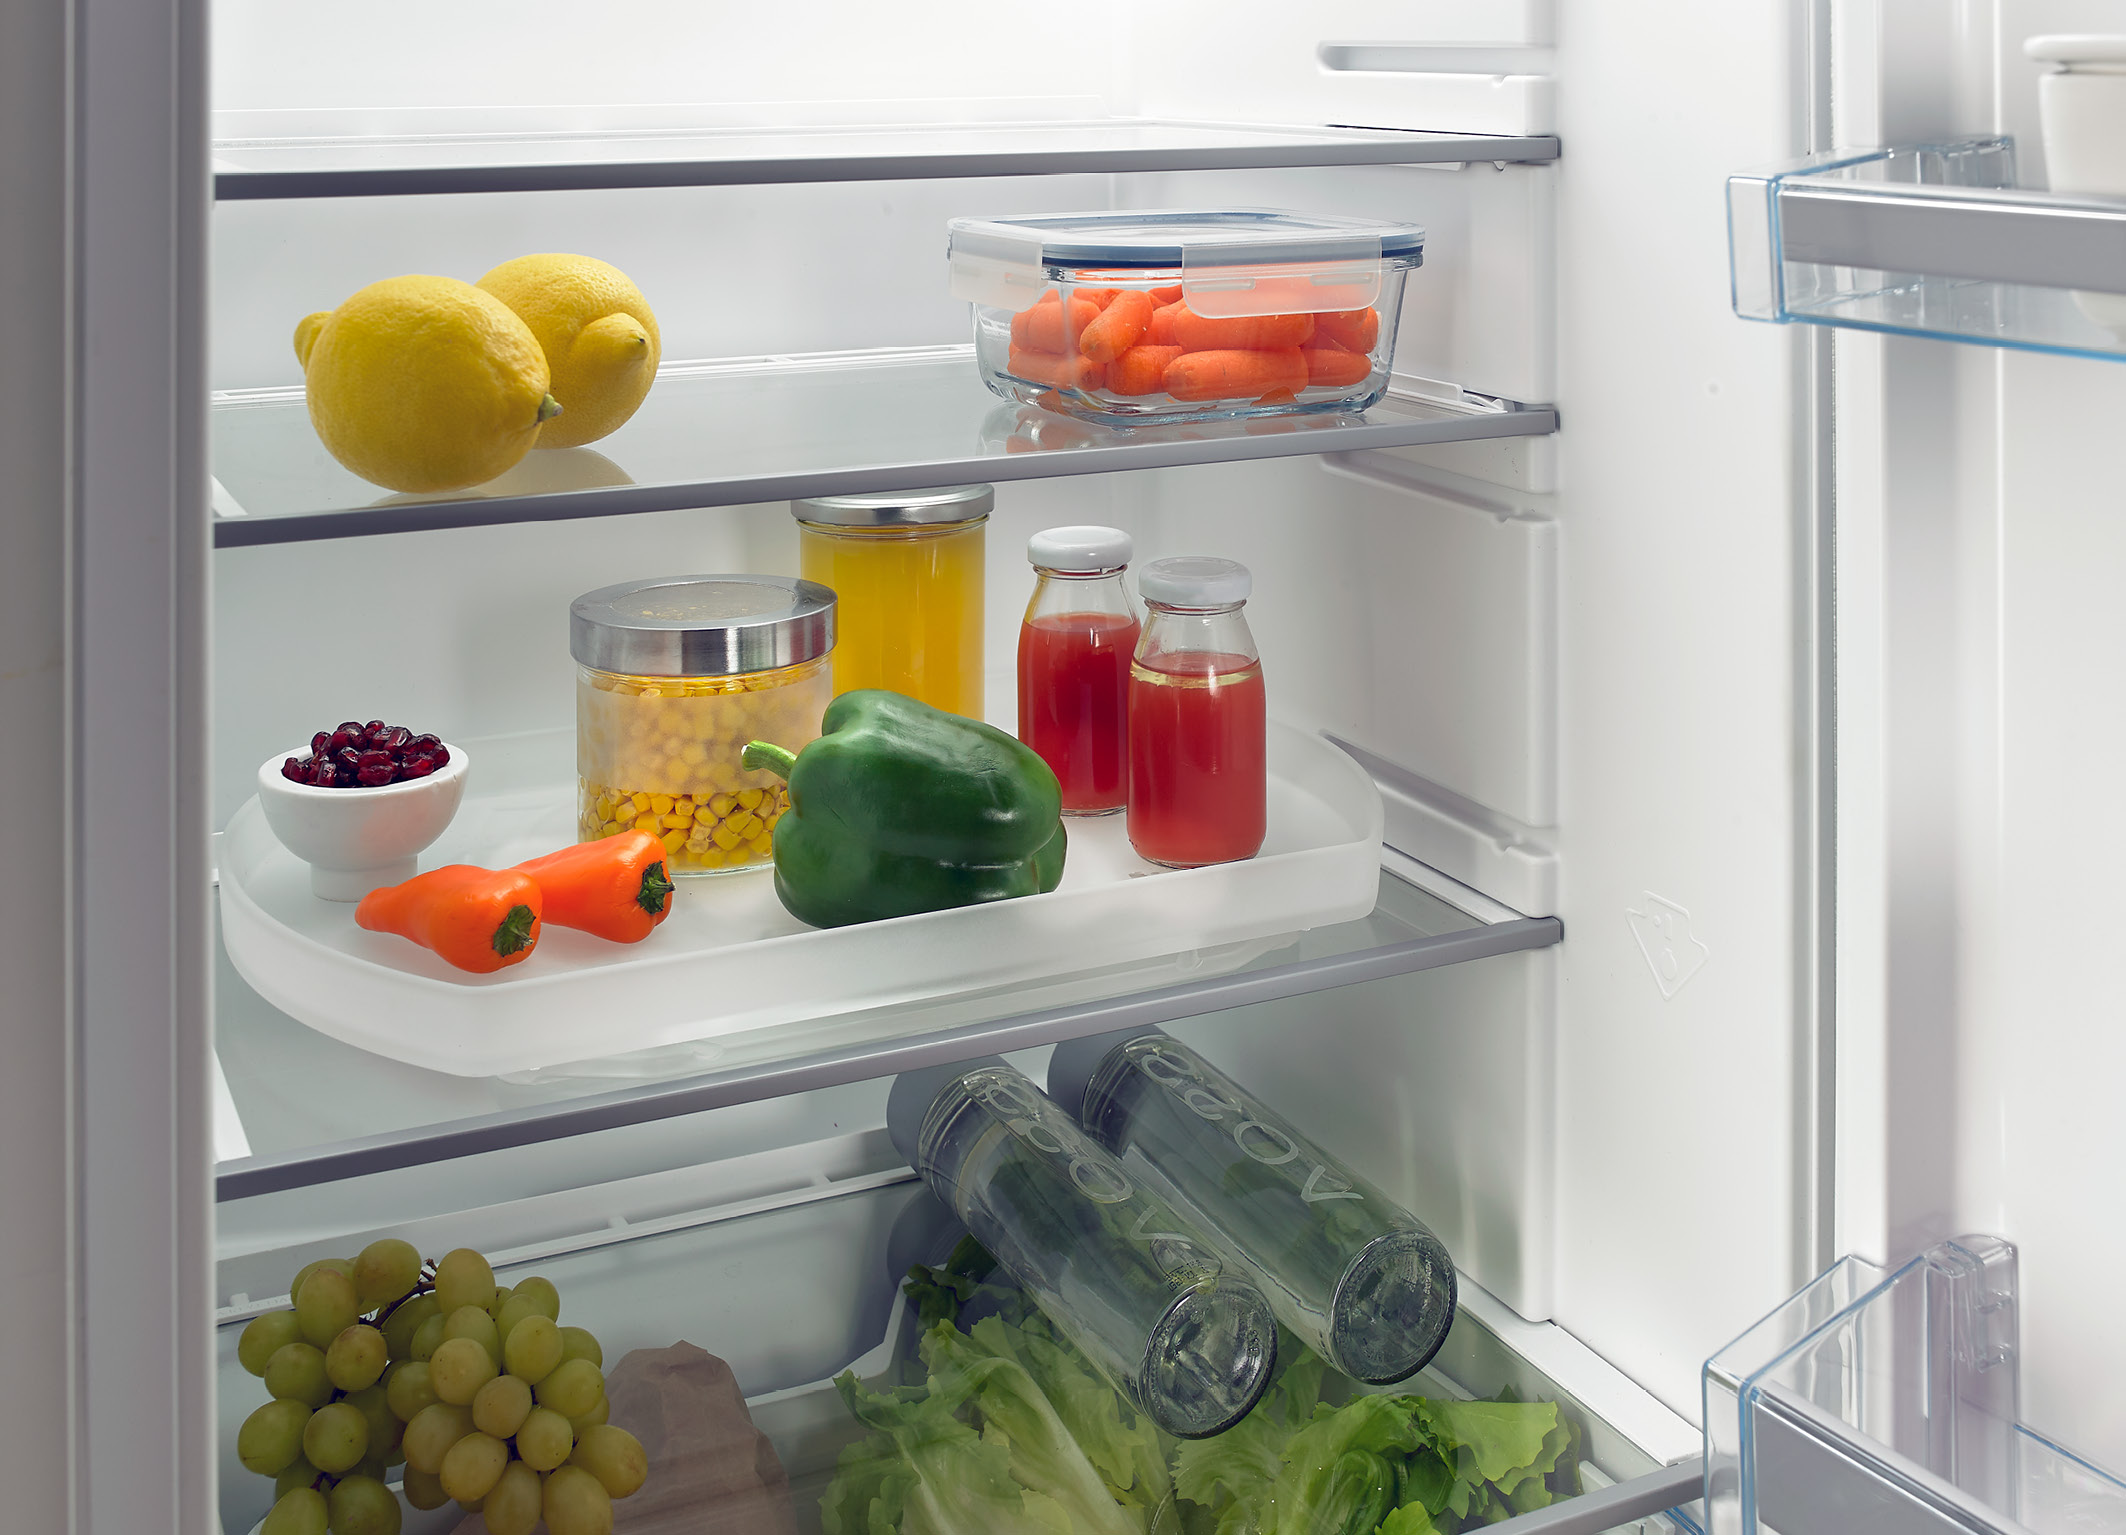 Kühlschrank Im Boden : Boden gefrierschrank französisch tür kühlschrank pro und contra